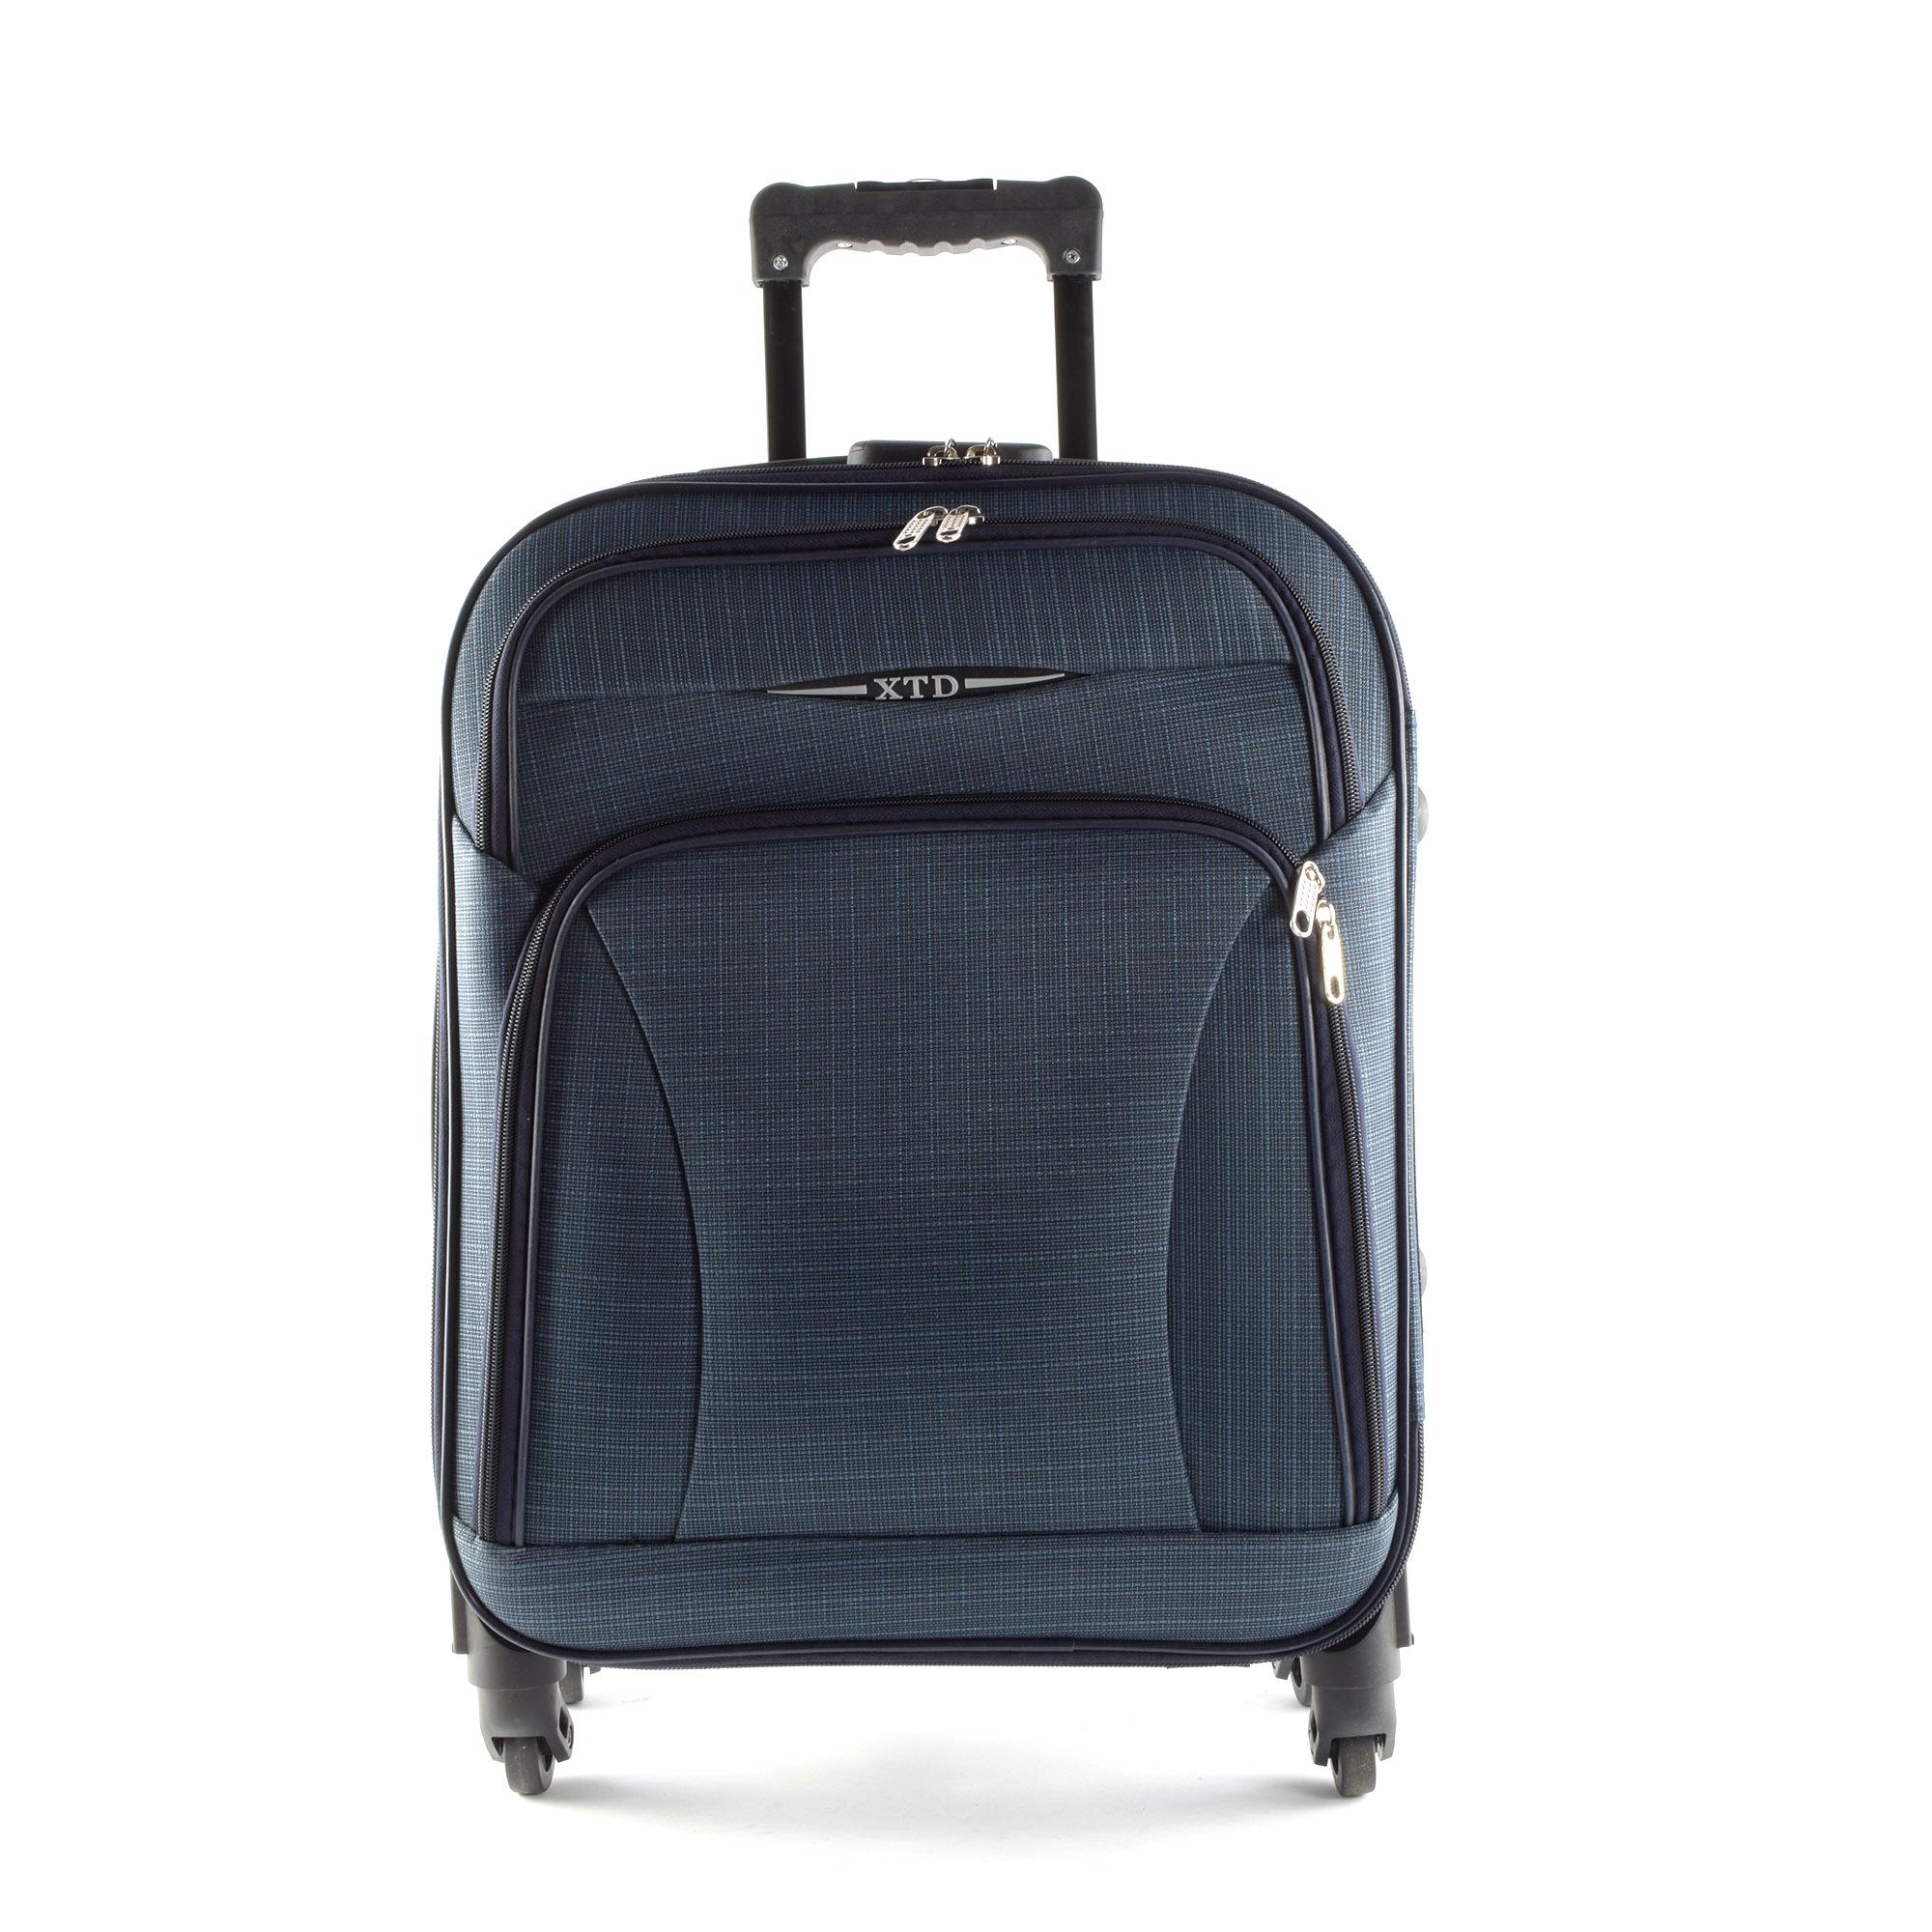 168f3514d72b Besty Ultra könnyű sötétkék közepes méretű puha bőrönd - KÖZEPES MÉRETŰ  BŐRÖNDÖK - Táska webáruház - Minőségi táskák mindenkinek